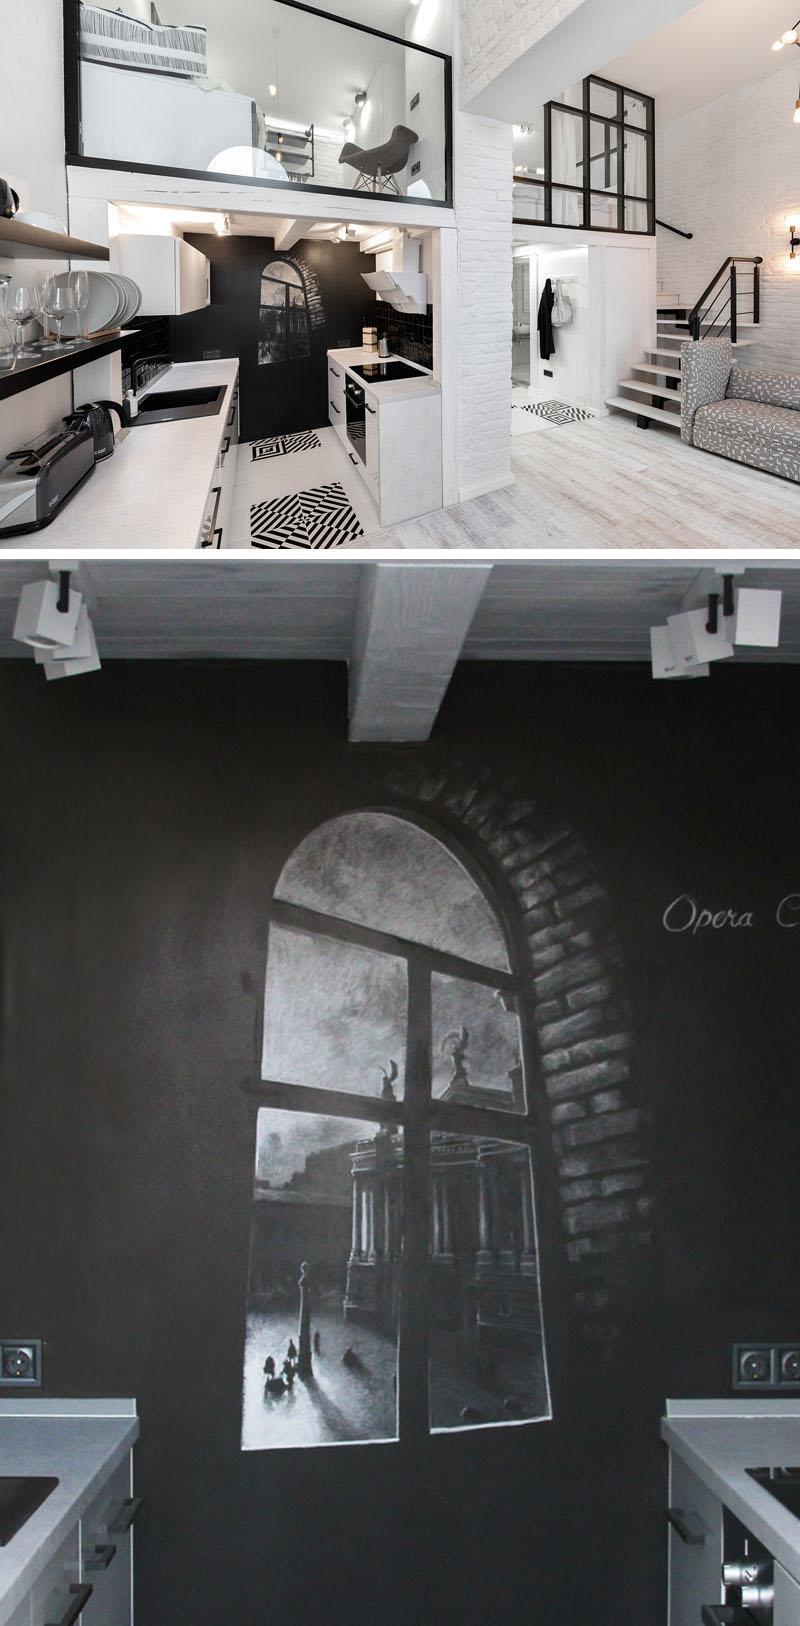 طراحی آپارتمان با تم سیاه و سفید